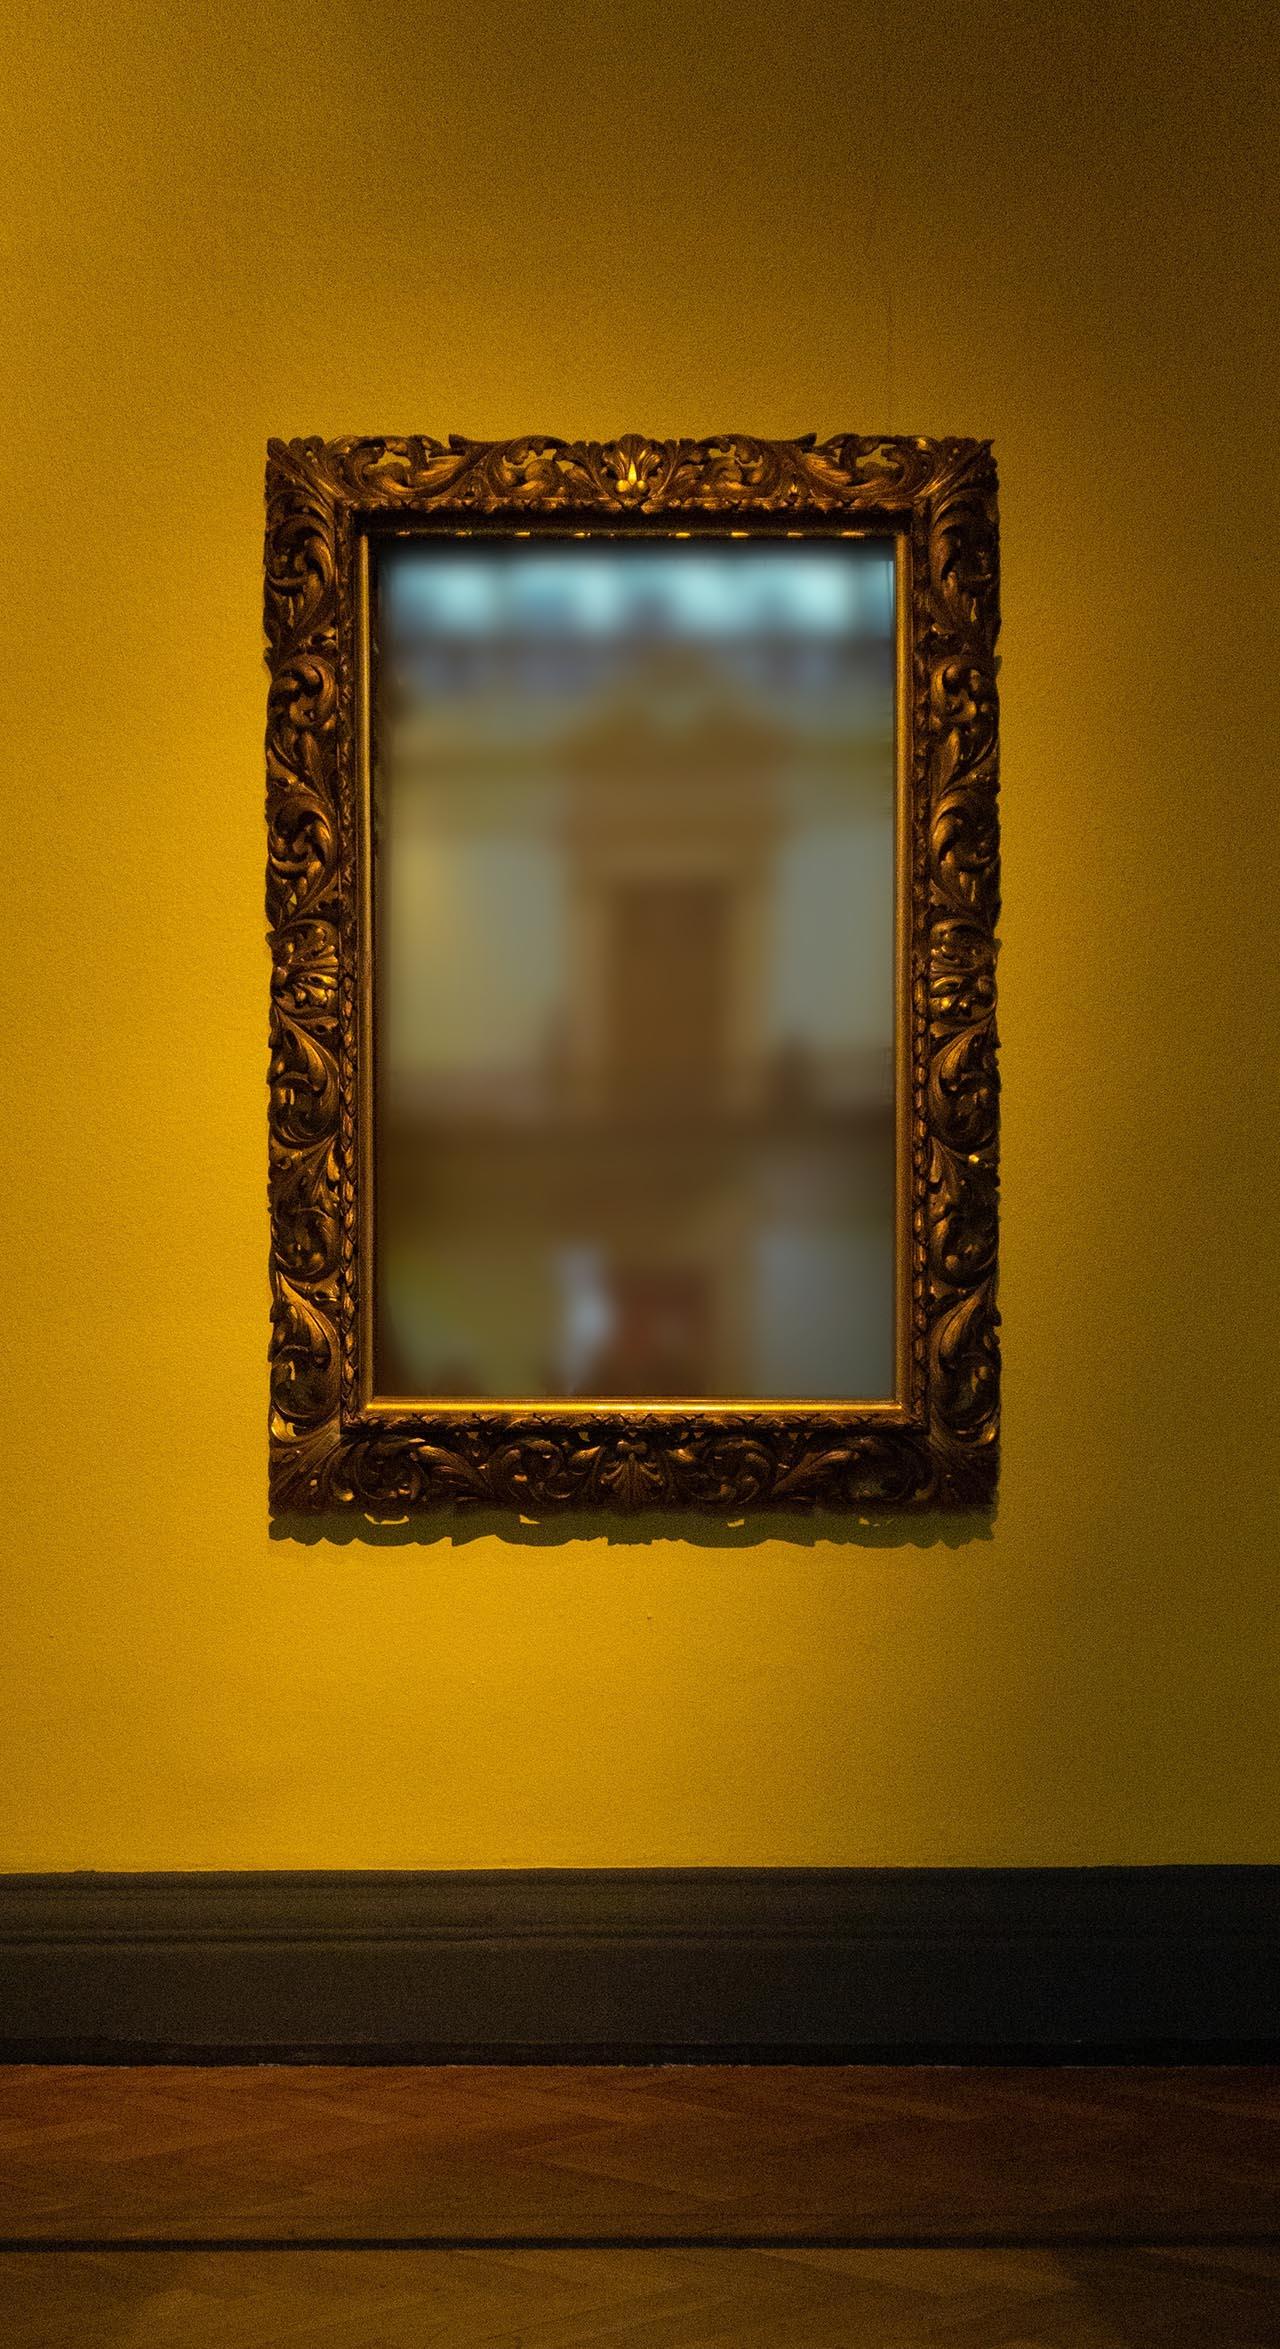 Großer, rechteckiger und wandhängender Barockspiegel.